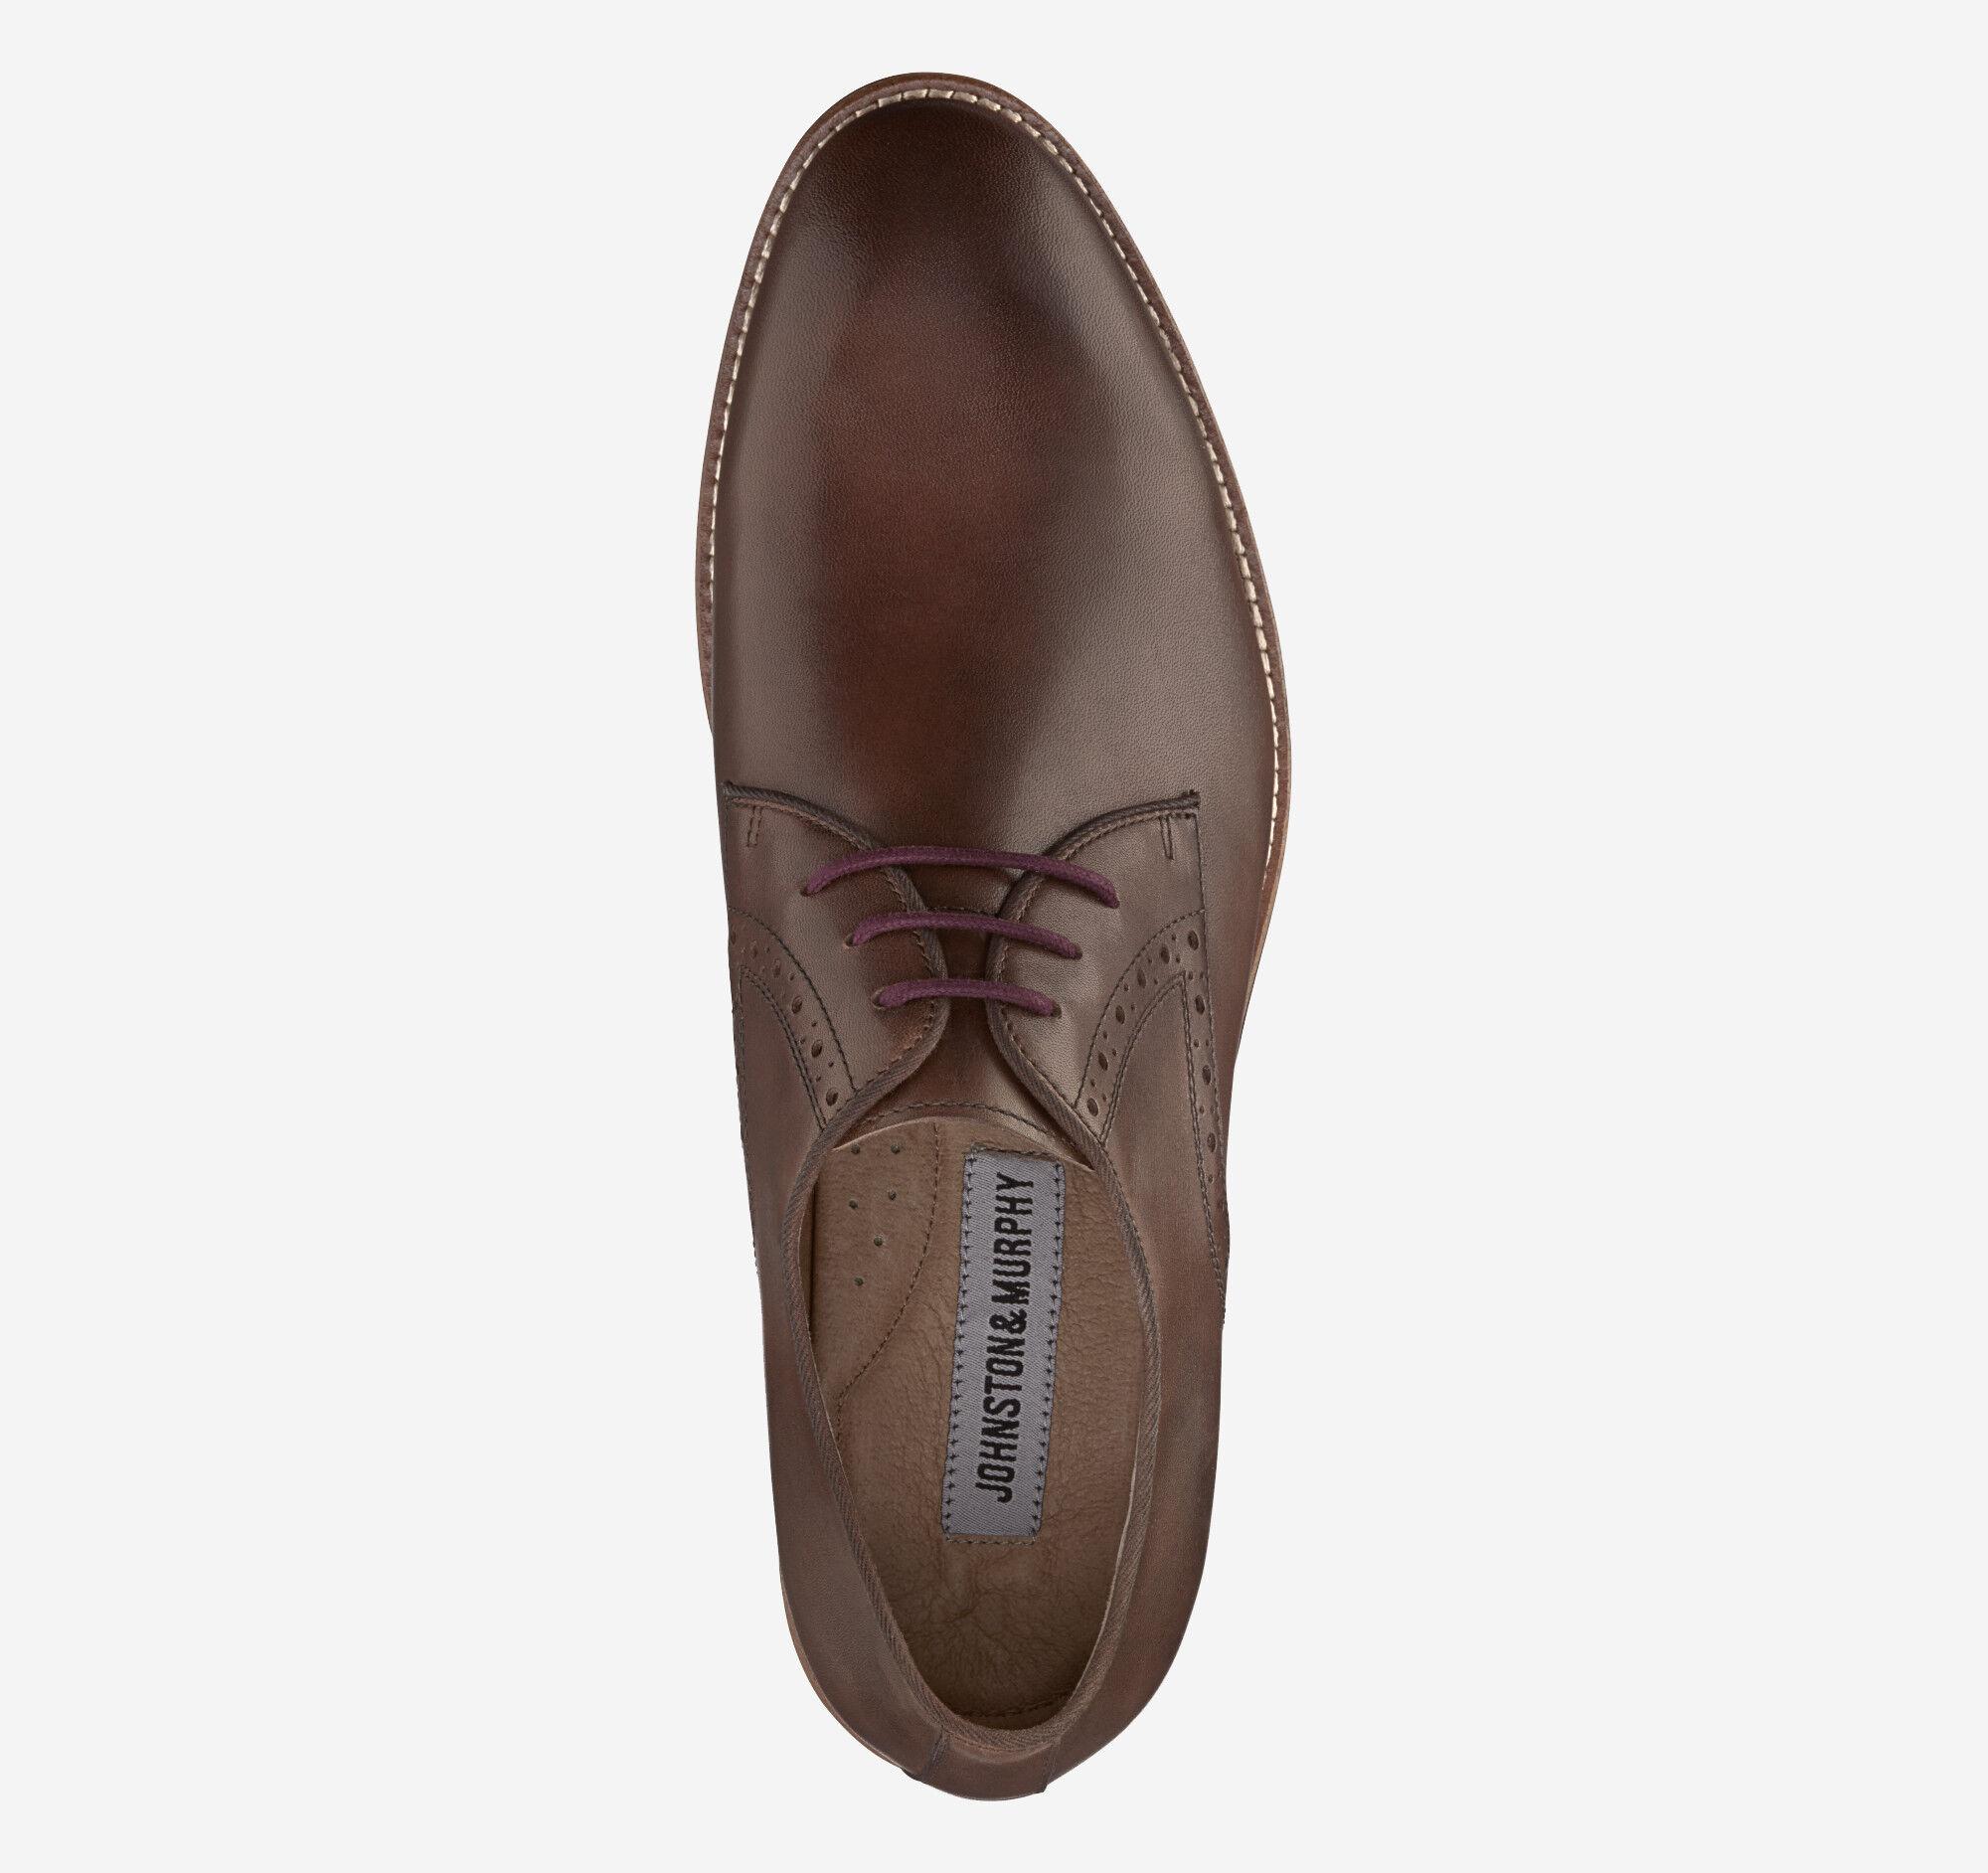 Johnston & Murphy Men's 'Conard' Plain Toe Derby Jy5kENIl